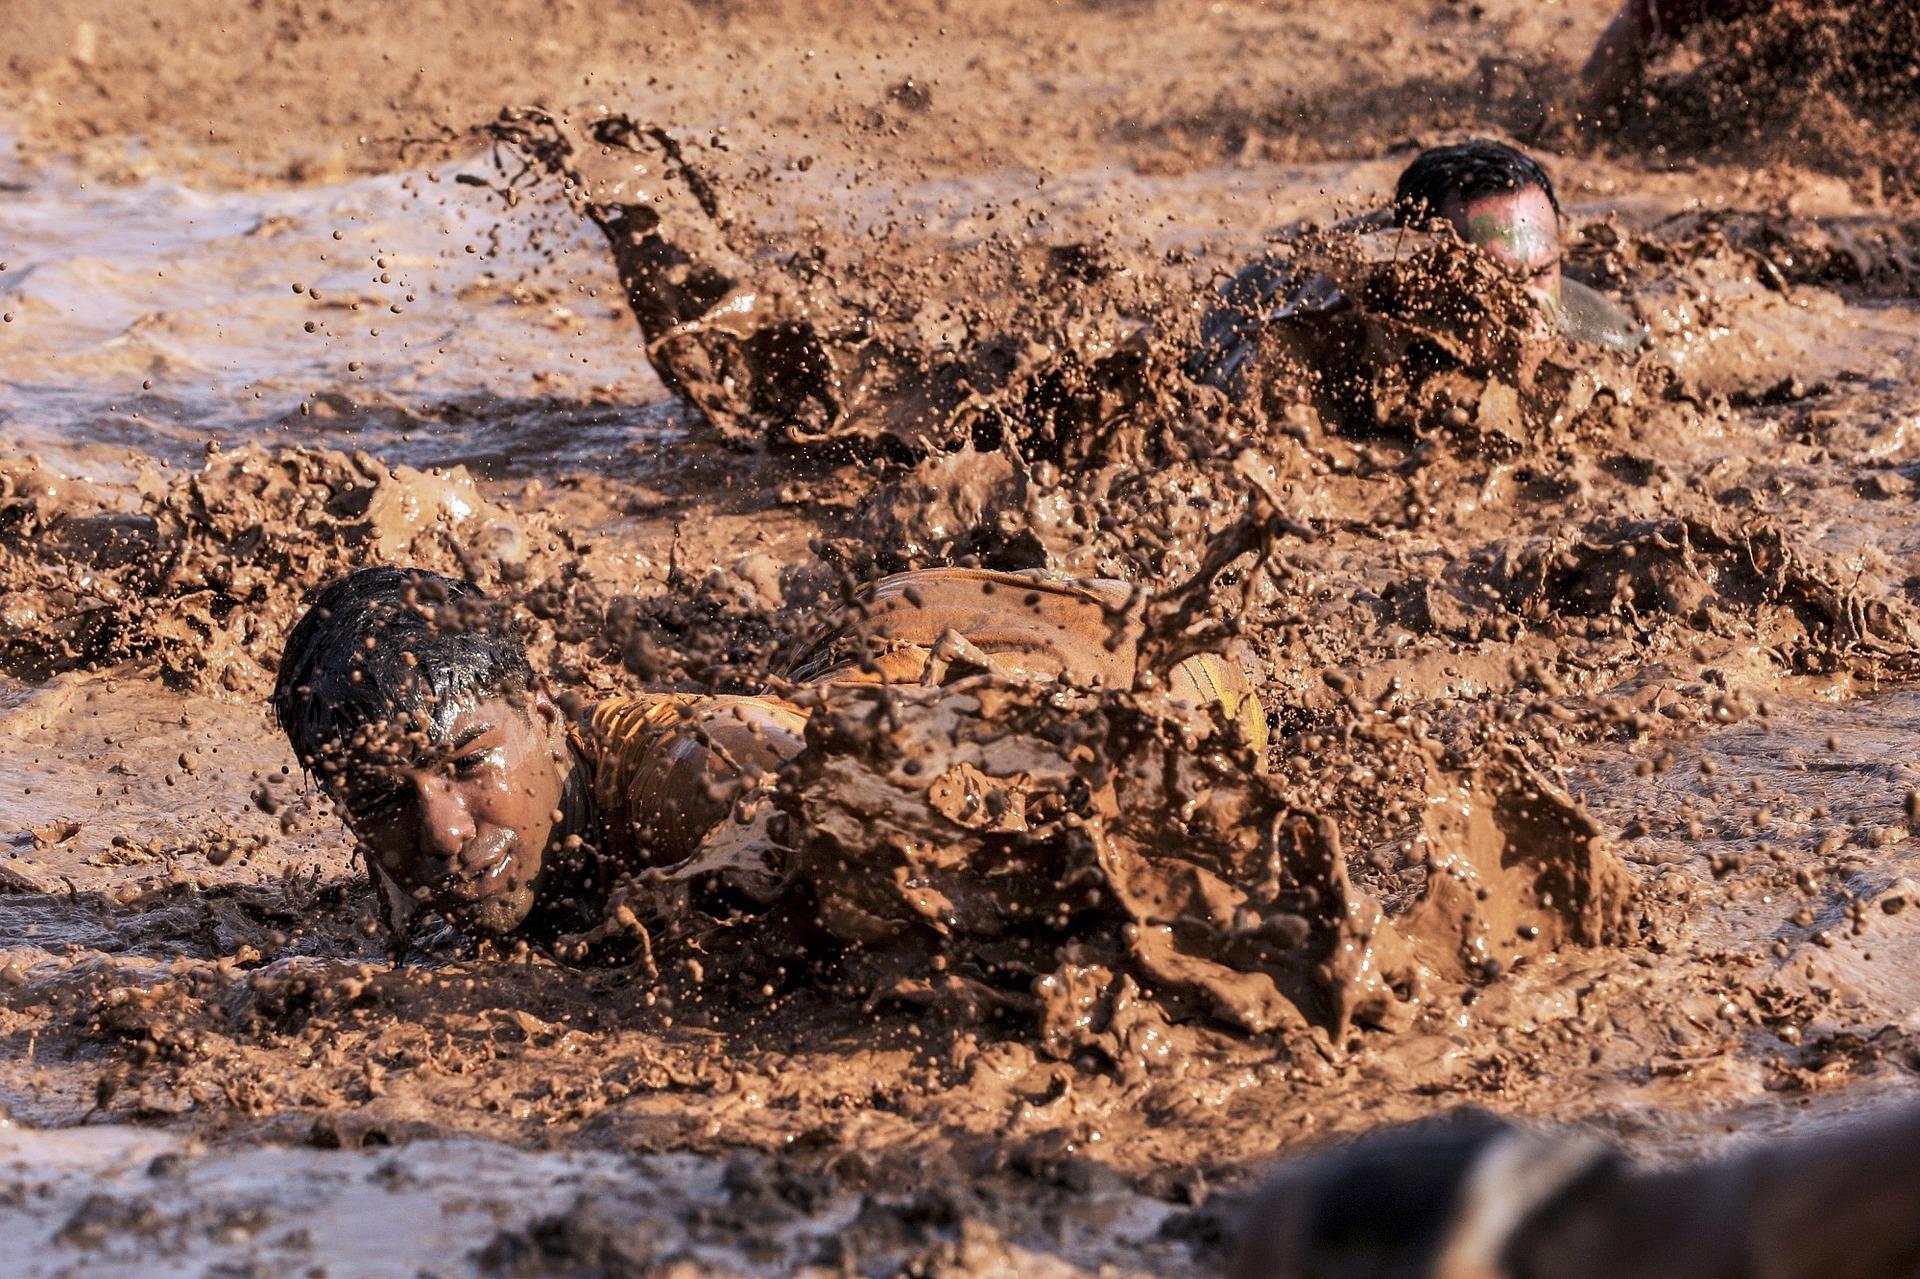 People moving through mud